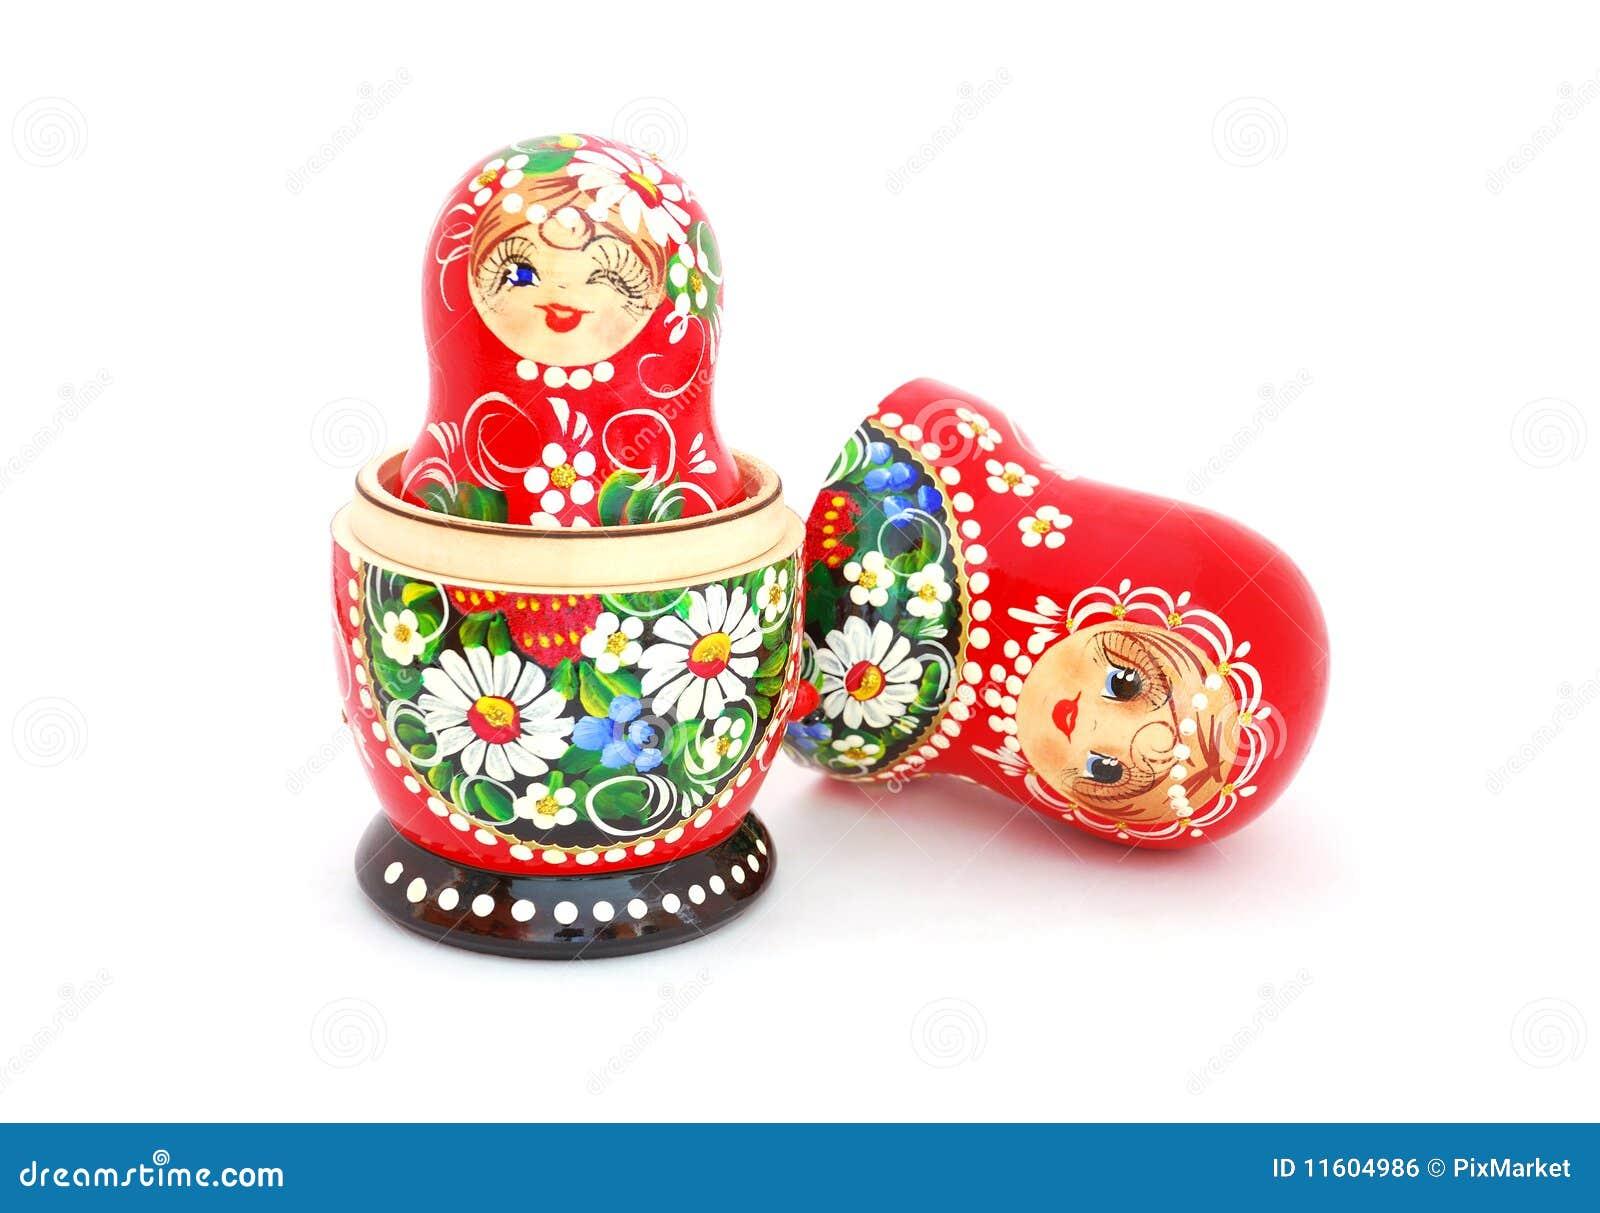 Poup es russes d 39 embo tement image libre de droits image for Poupee russe